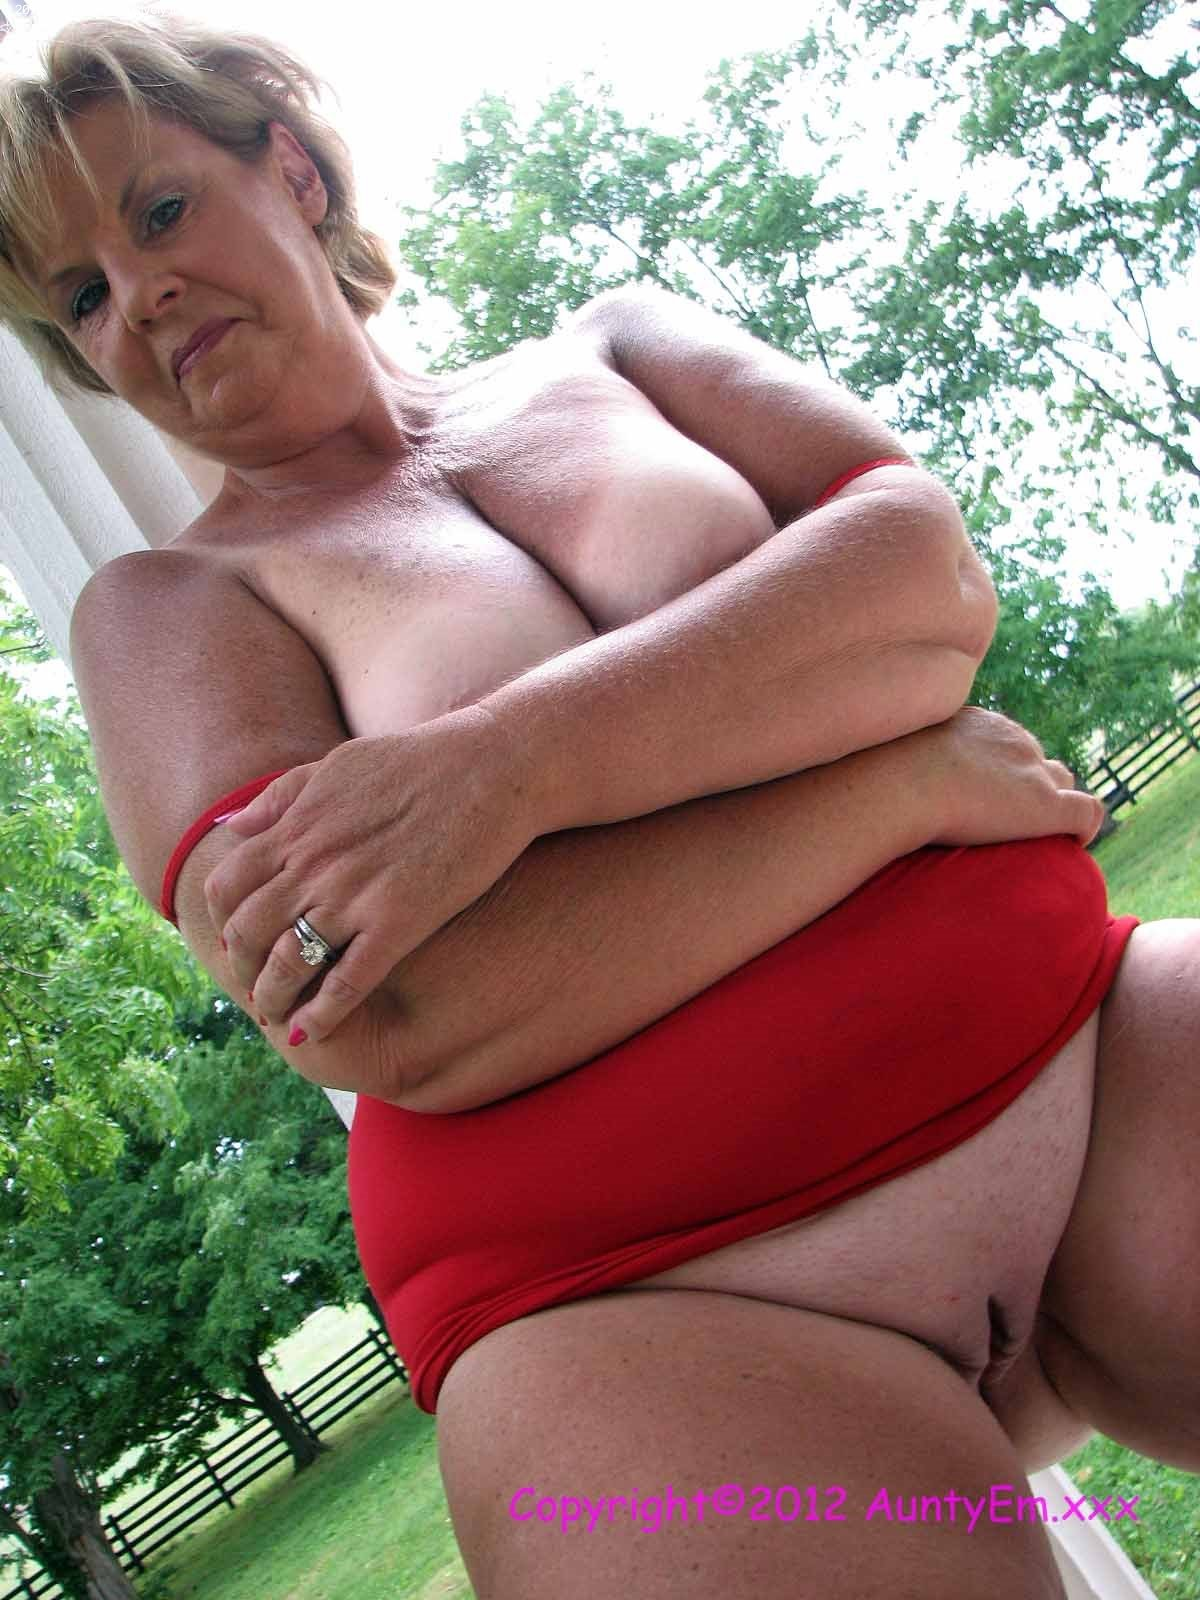 Naked Women On Blogspot 7